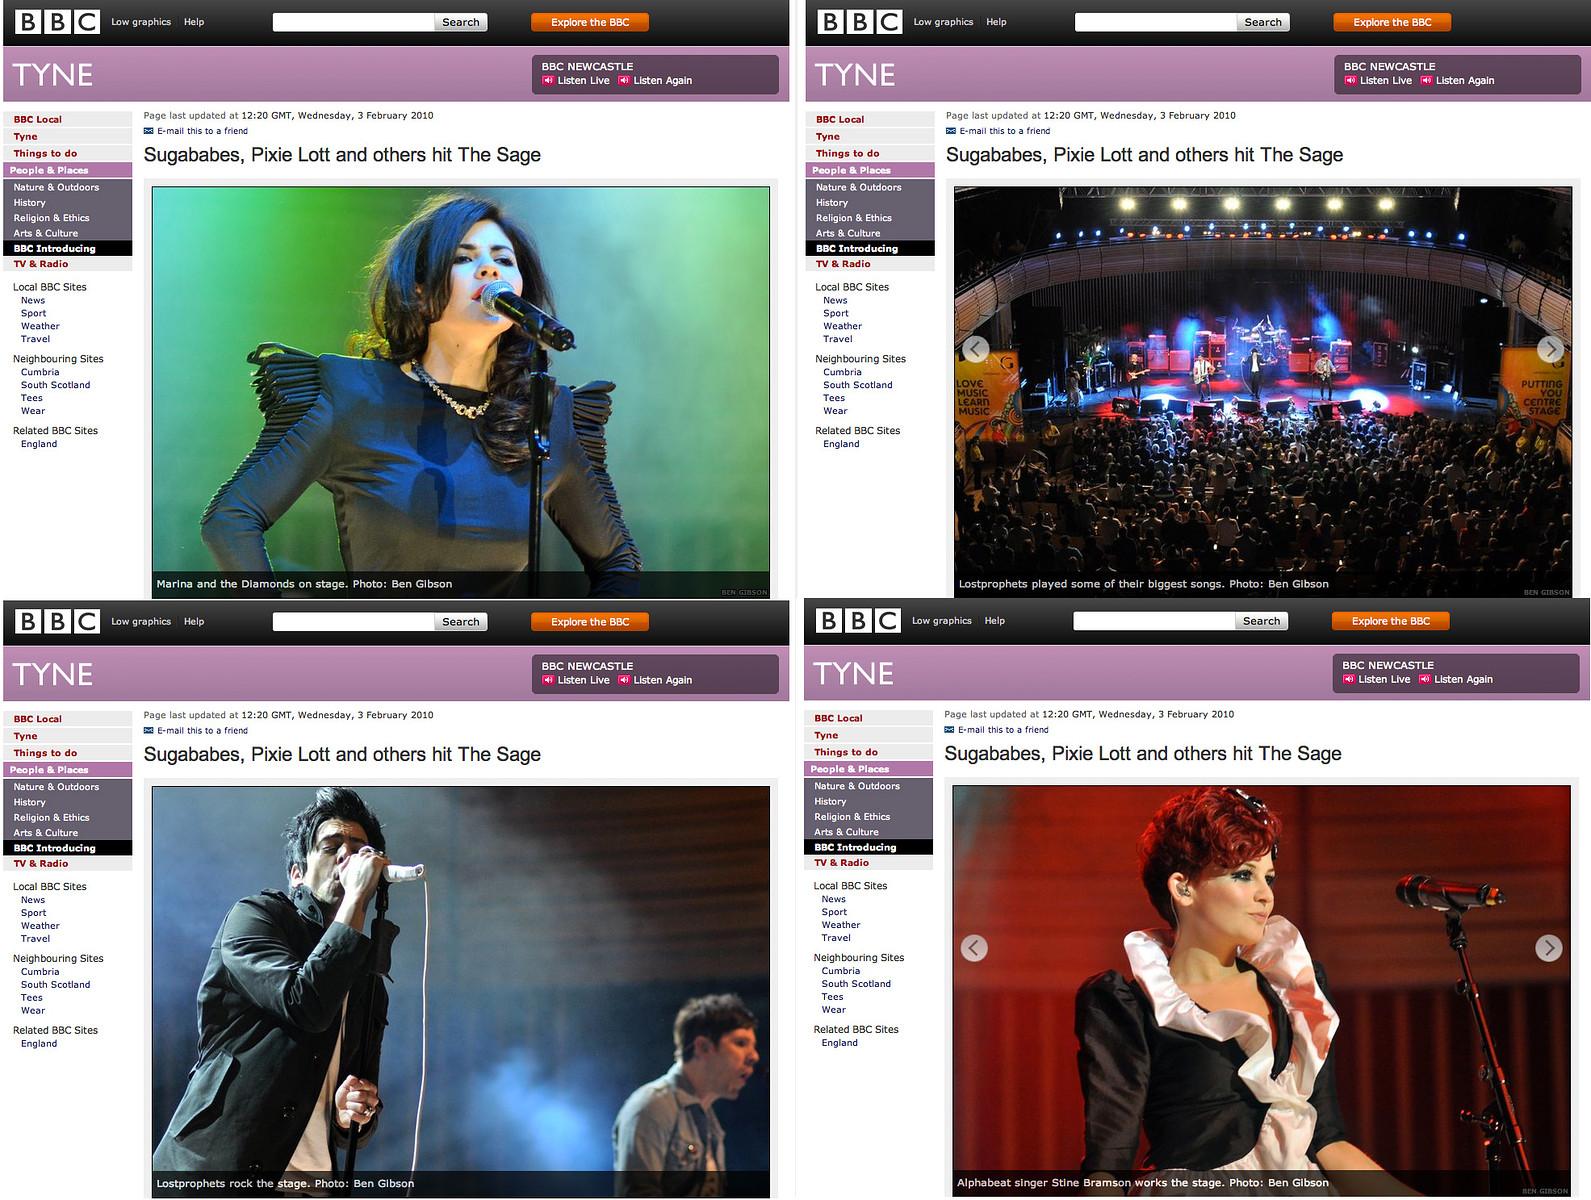 InsideOut Festival // BBC Tyne website 2010